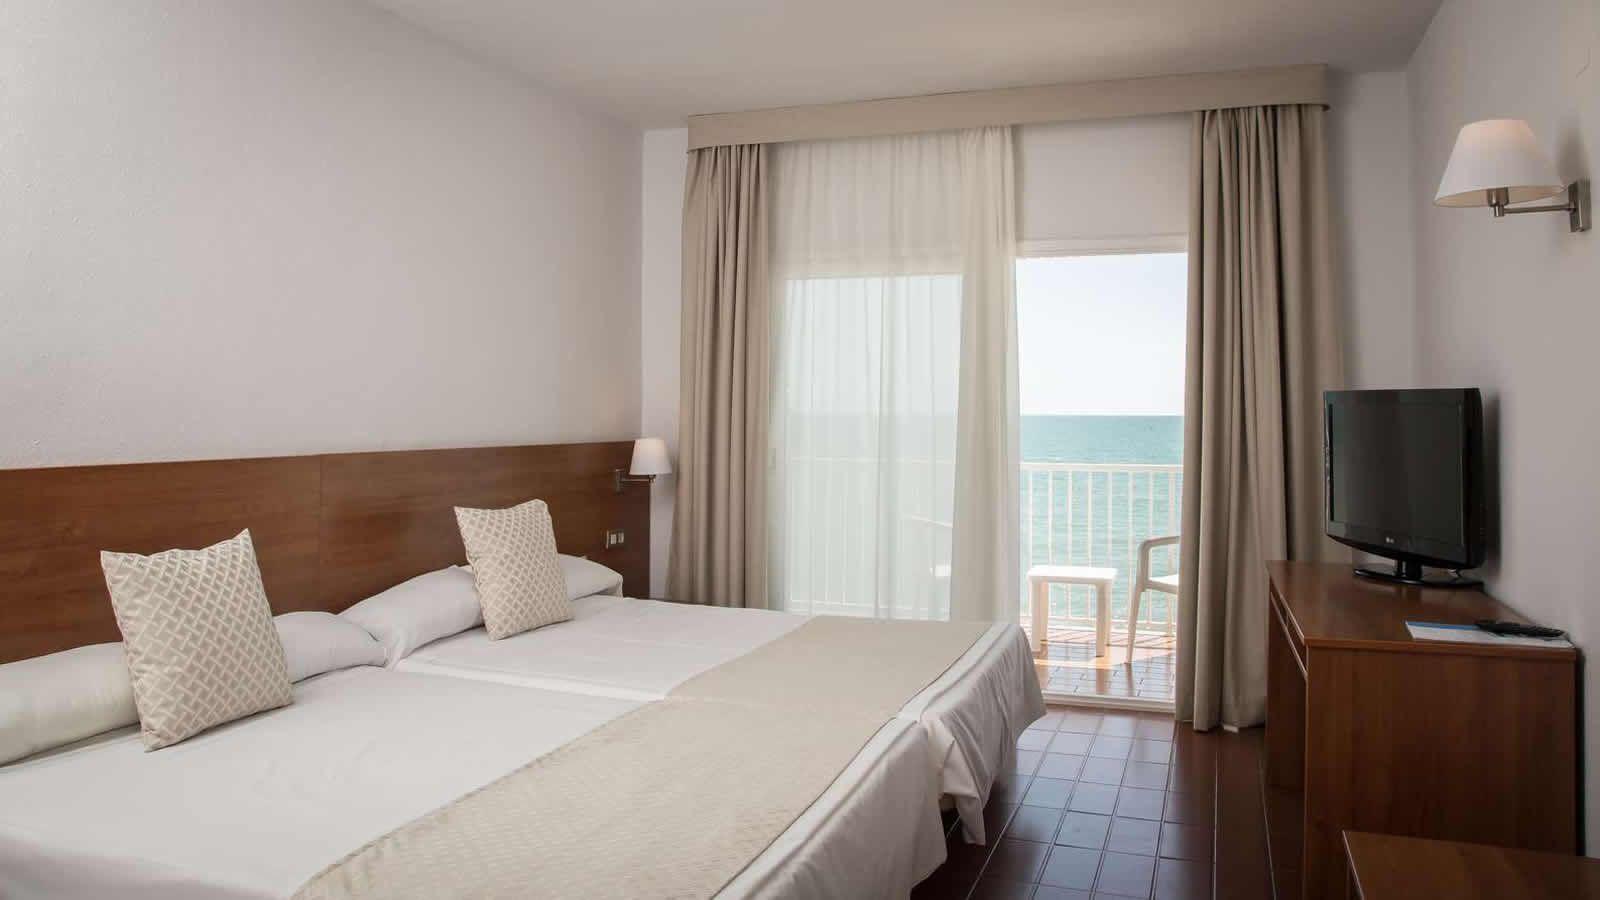 Habitación King Size del Hotel Carlos Tercero en Alcanar - San Carlos de la Rápita - Delta del Ebro